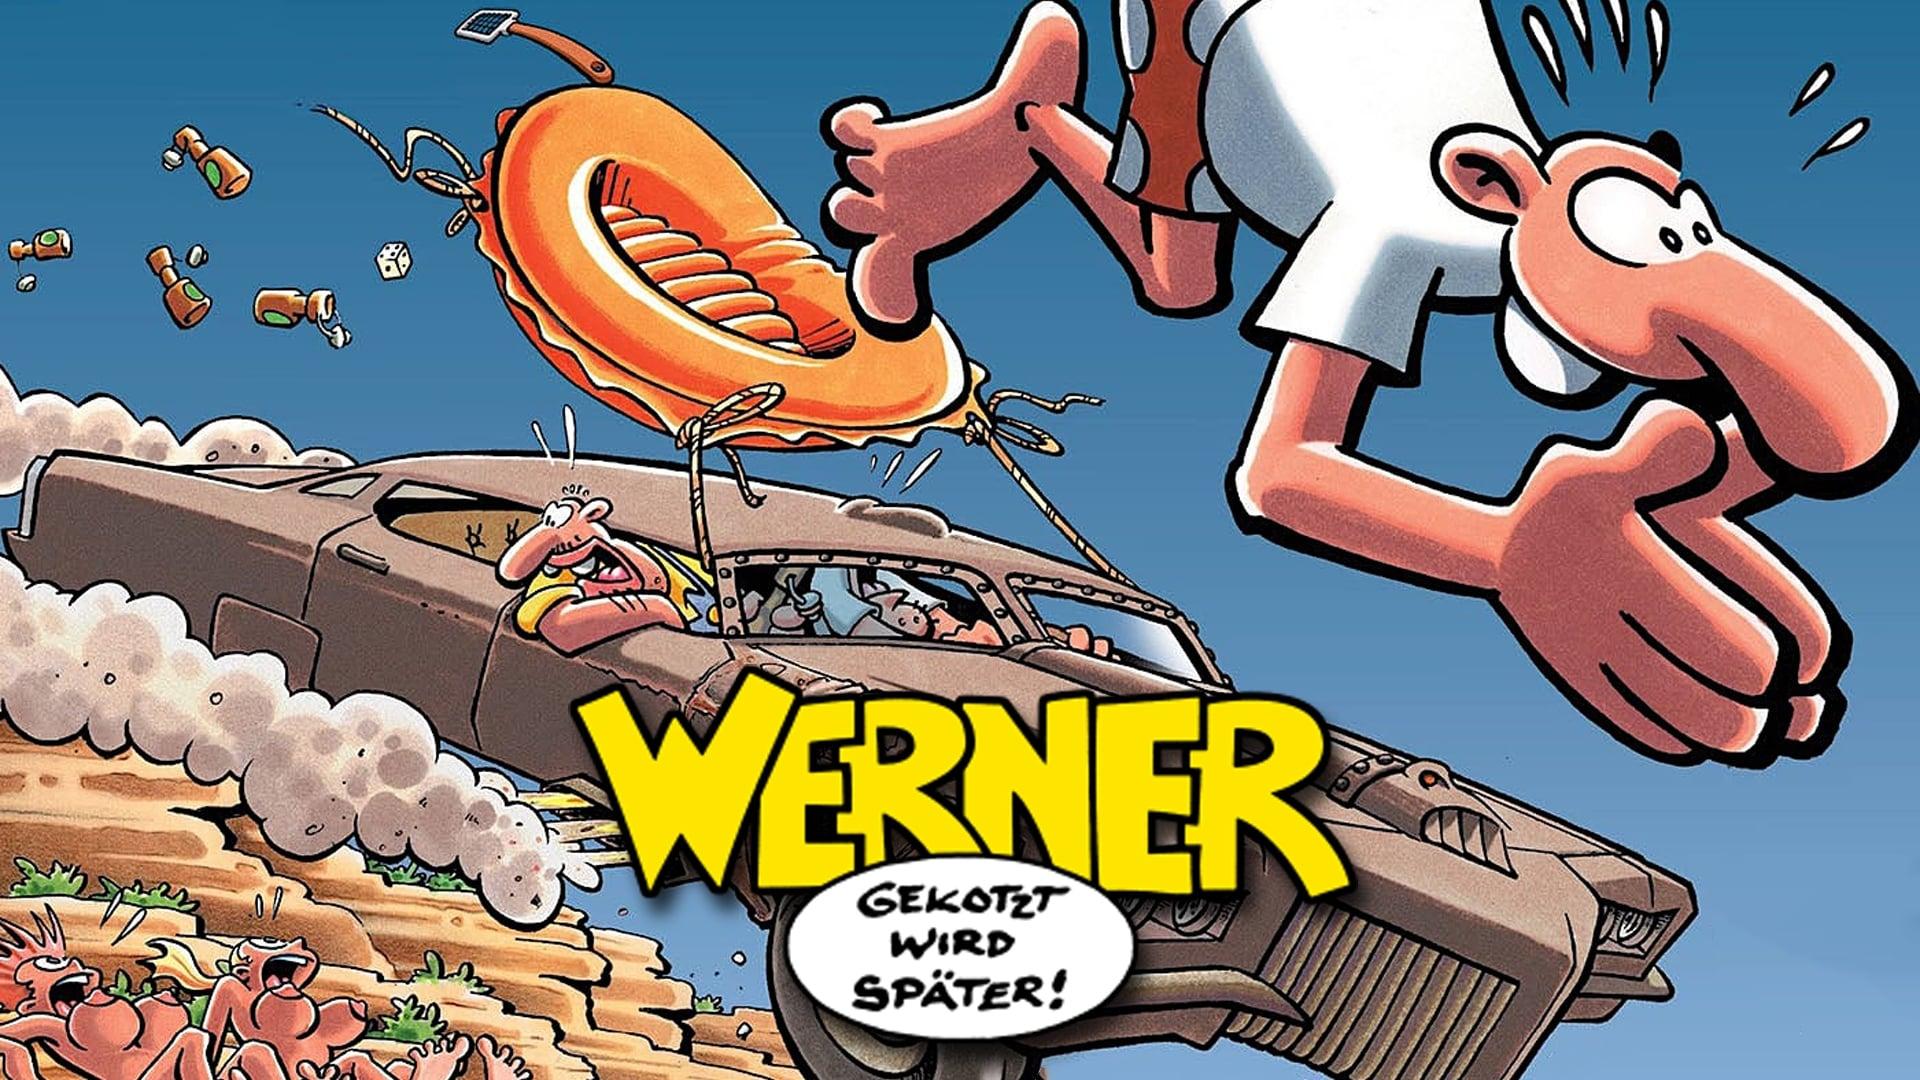 Werner Gekotzt Wird Später Stream